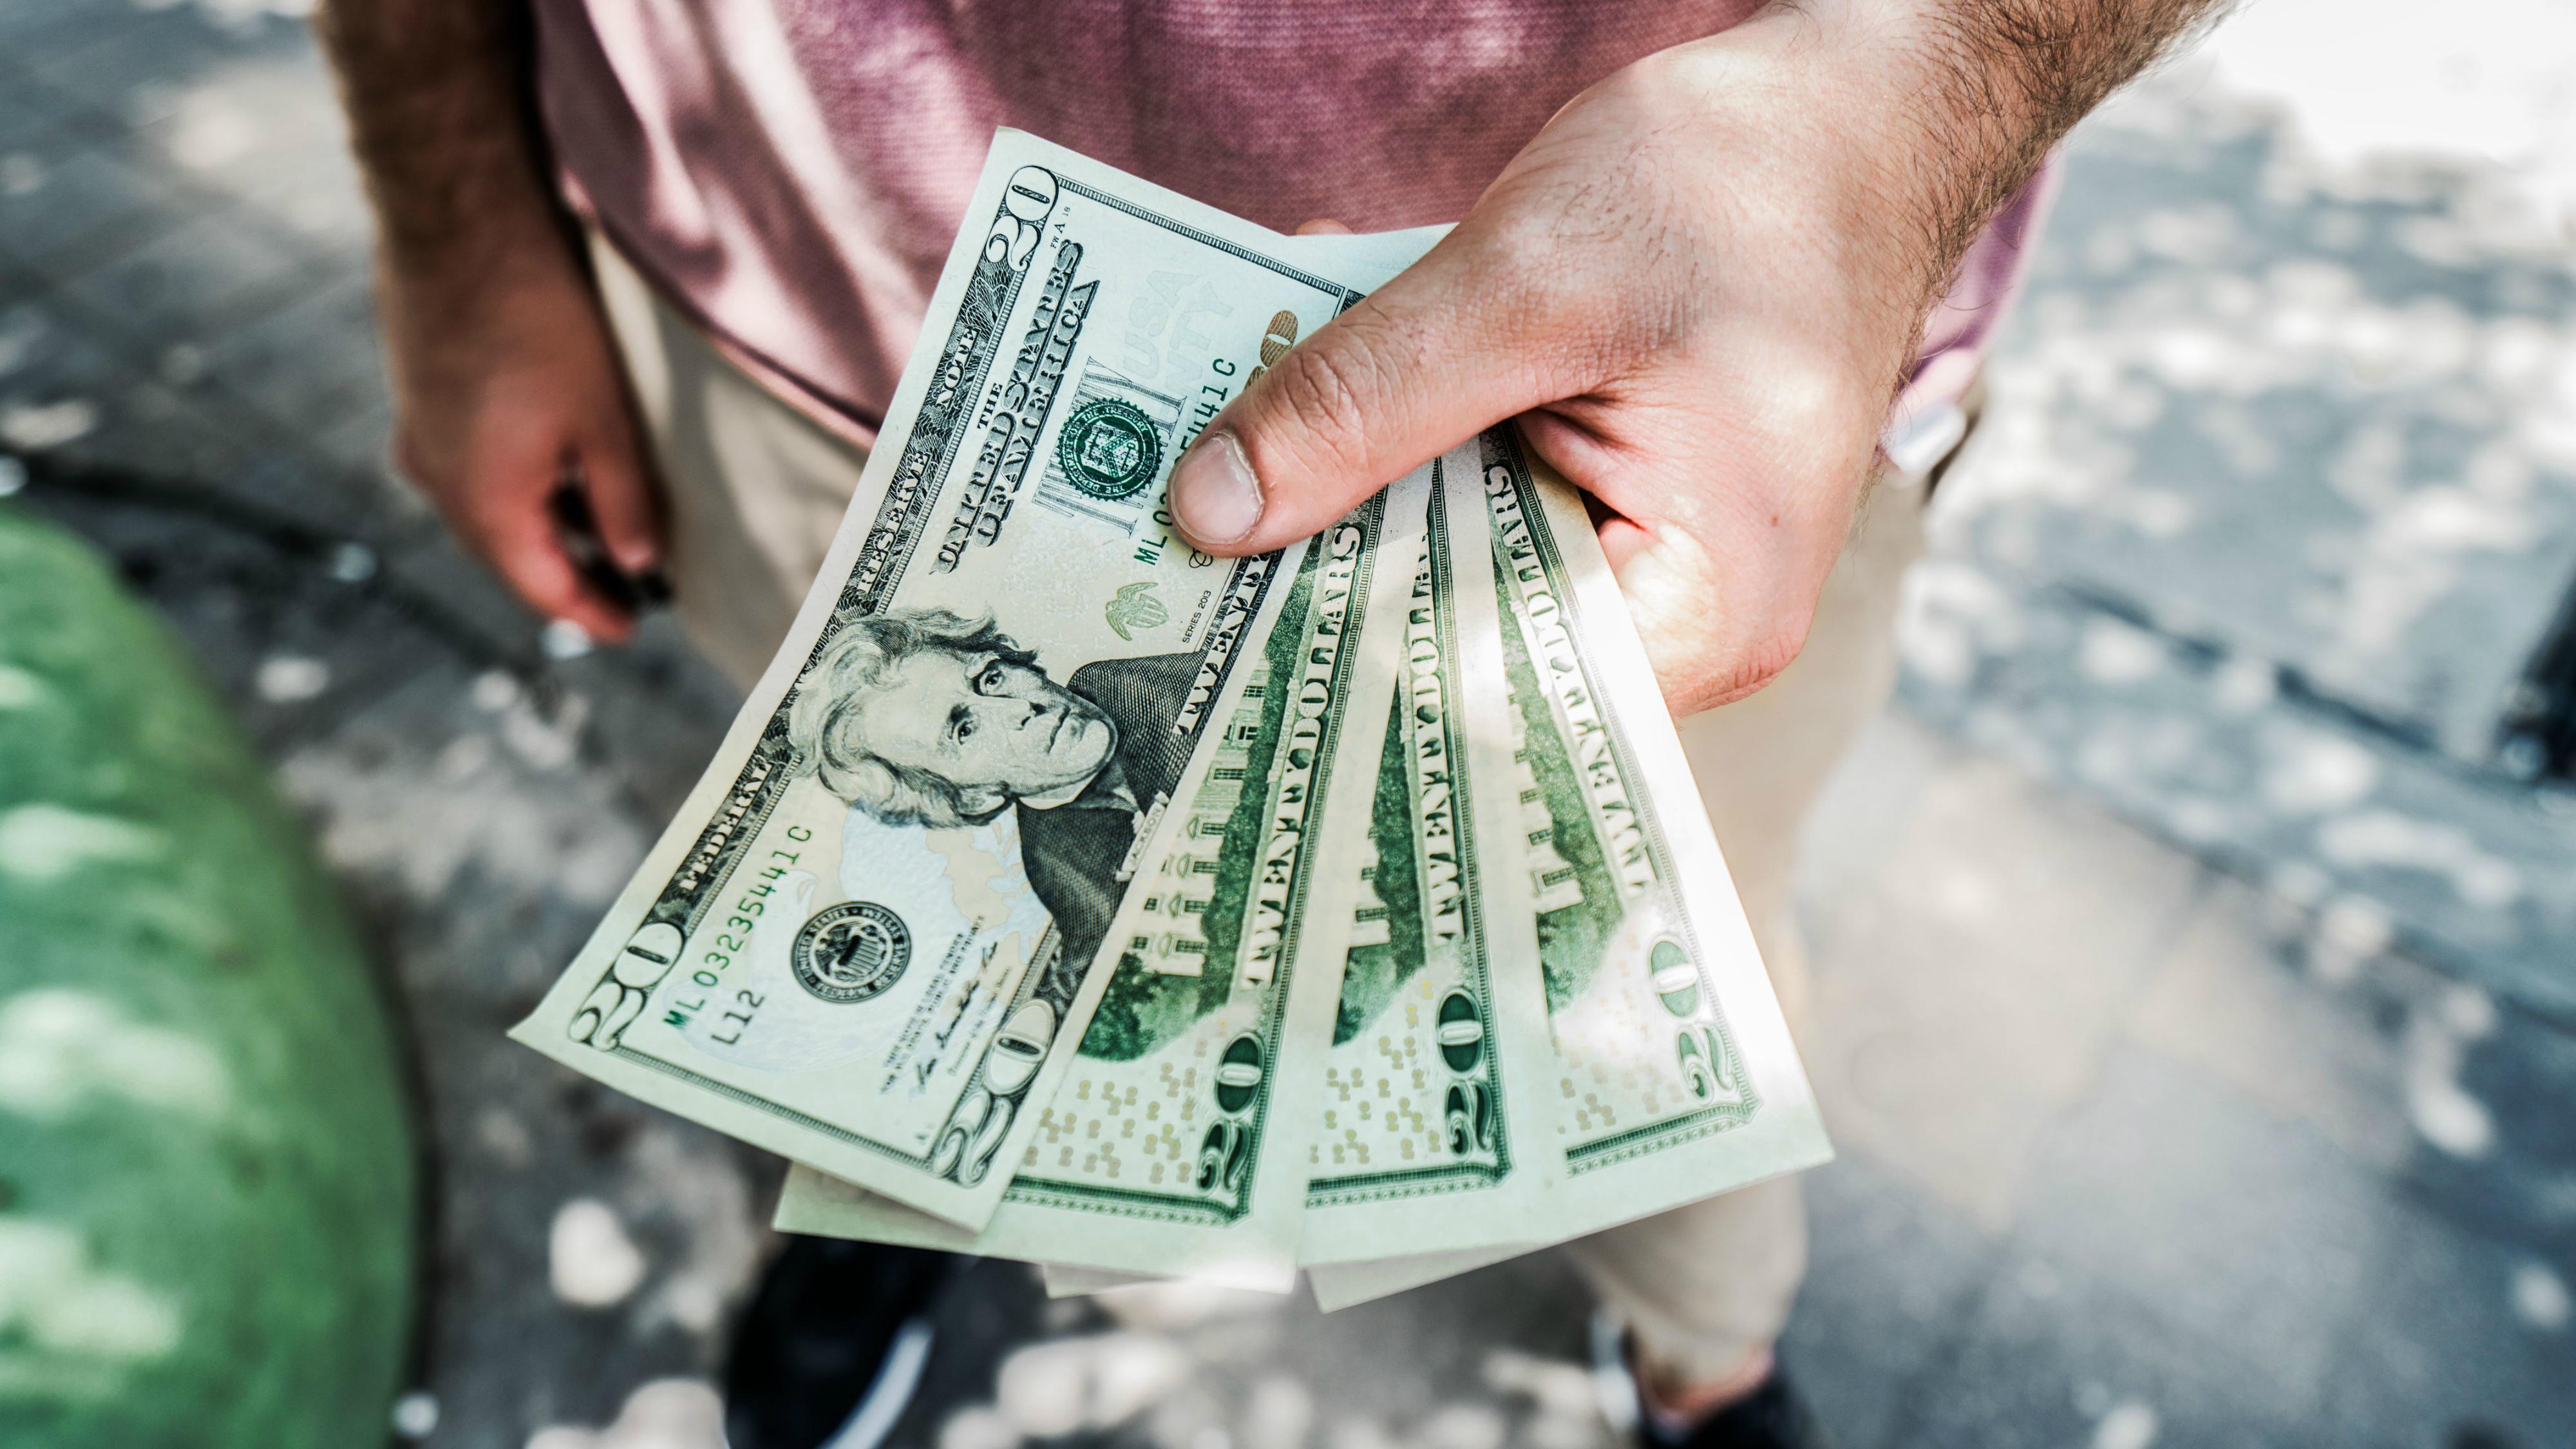 bināro opciju tirdzniecības pārskatos nopelnīt naudu internetā 14